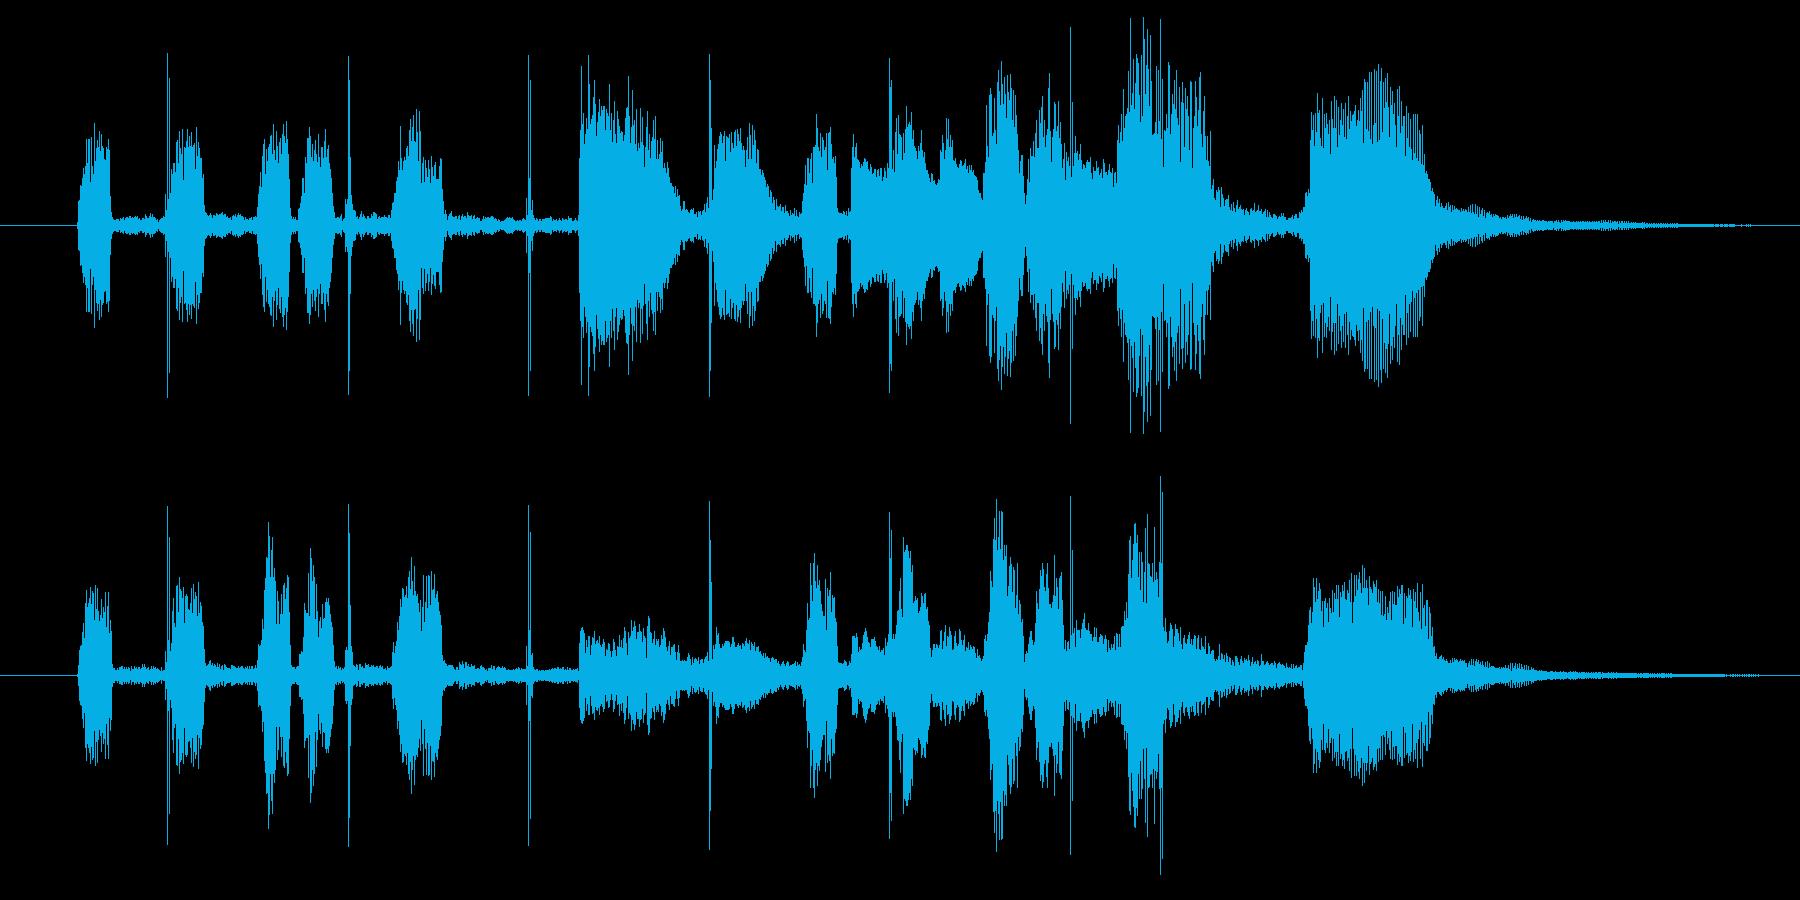 スキャット風のジングルの再生済みの波形